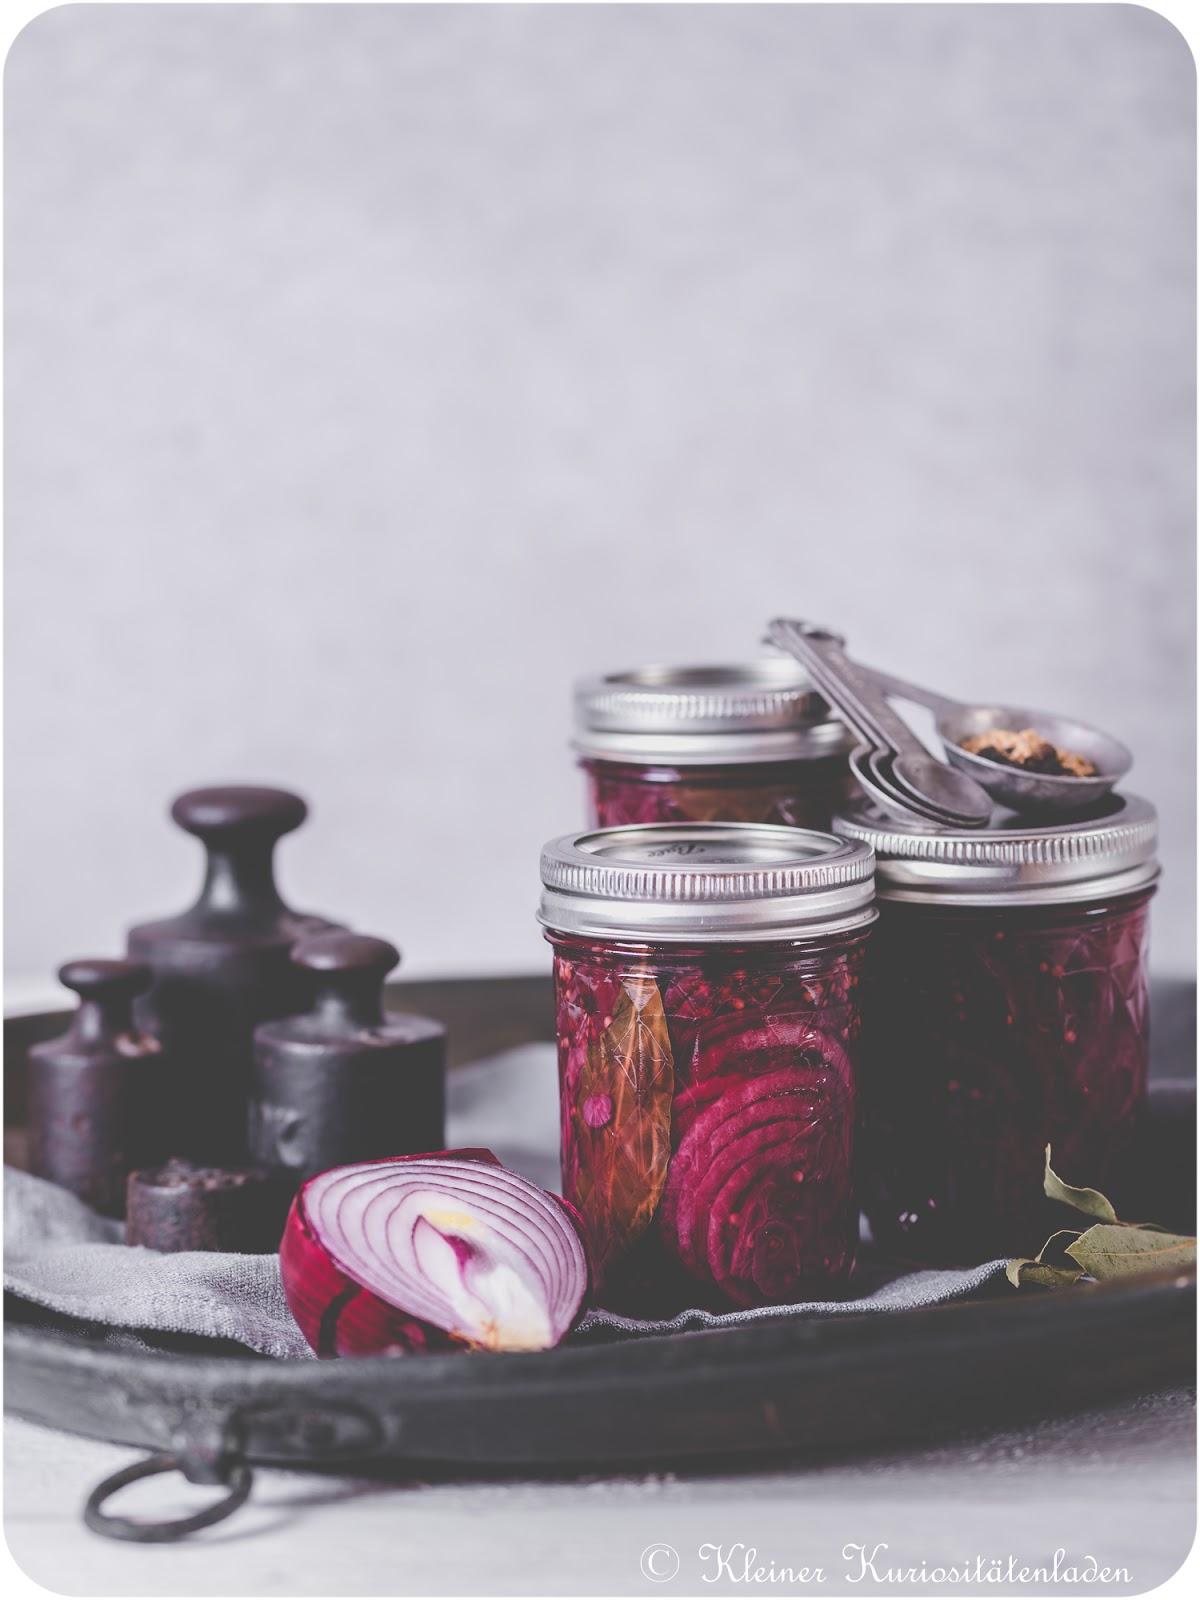 Kleiner Kuriositätenladen: Gepickelte rote Zwiebeln